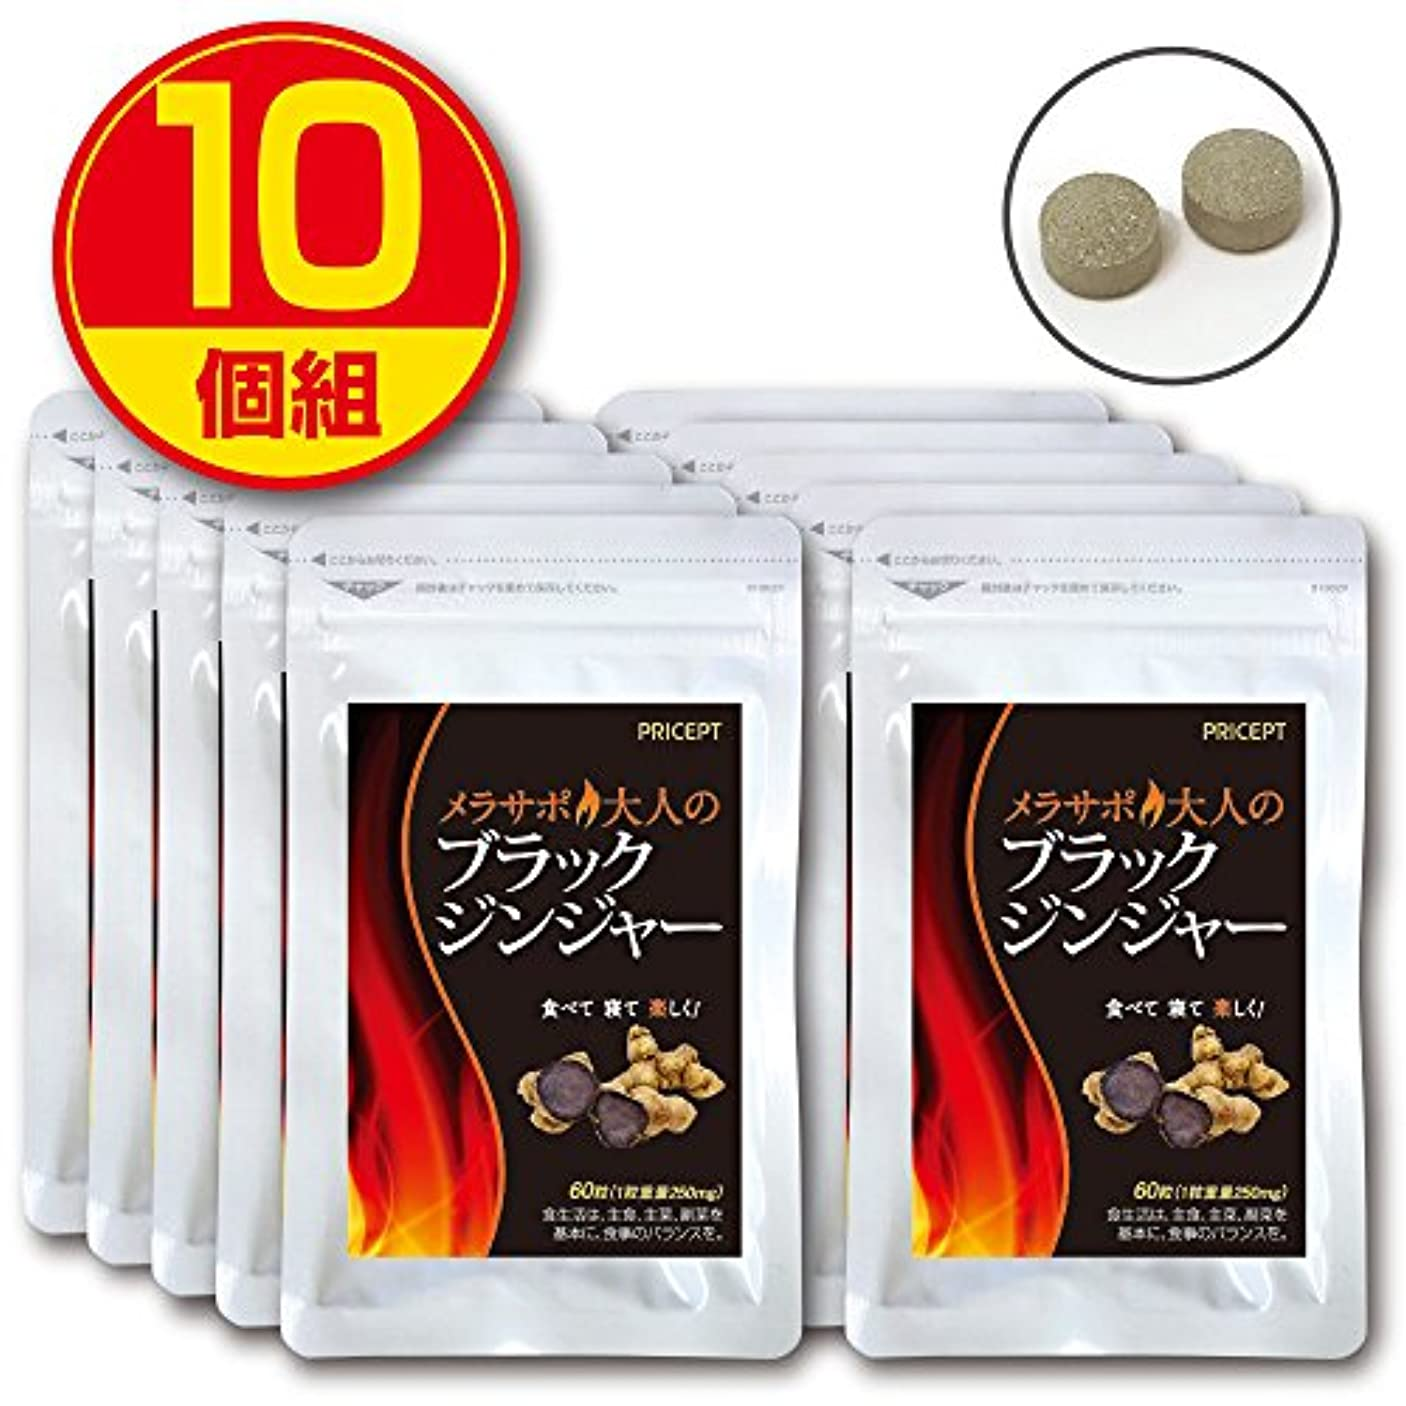 プリセプト メラサポ大人のブラックジンジャー 60粒【10個組】(ダイエットサプリメント?粒タイプ)